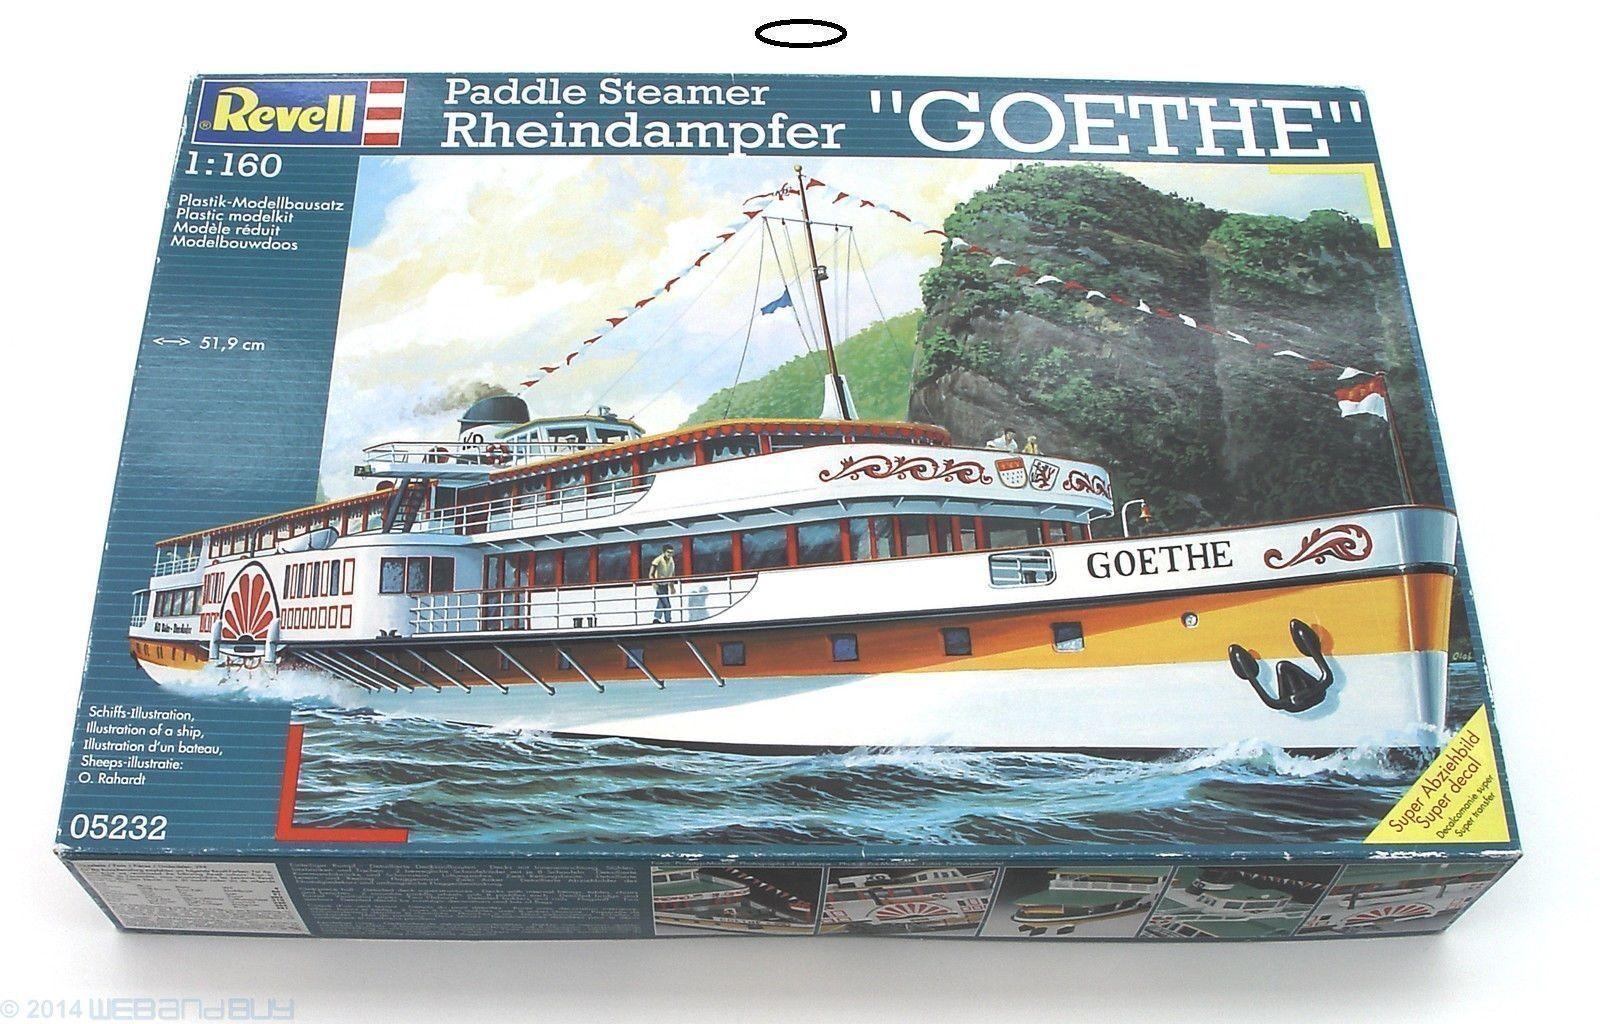 ENORME Paddle Steamer Rheindampfer GOETHE   Revell - 05232